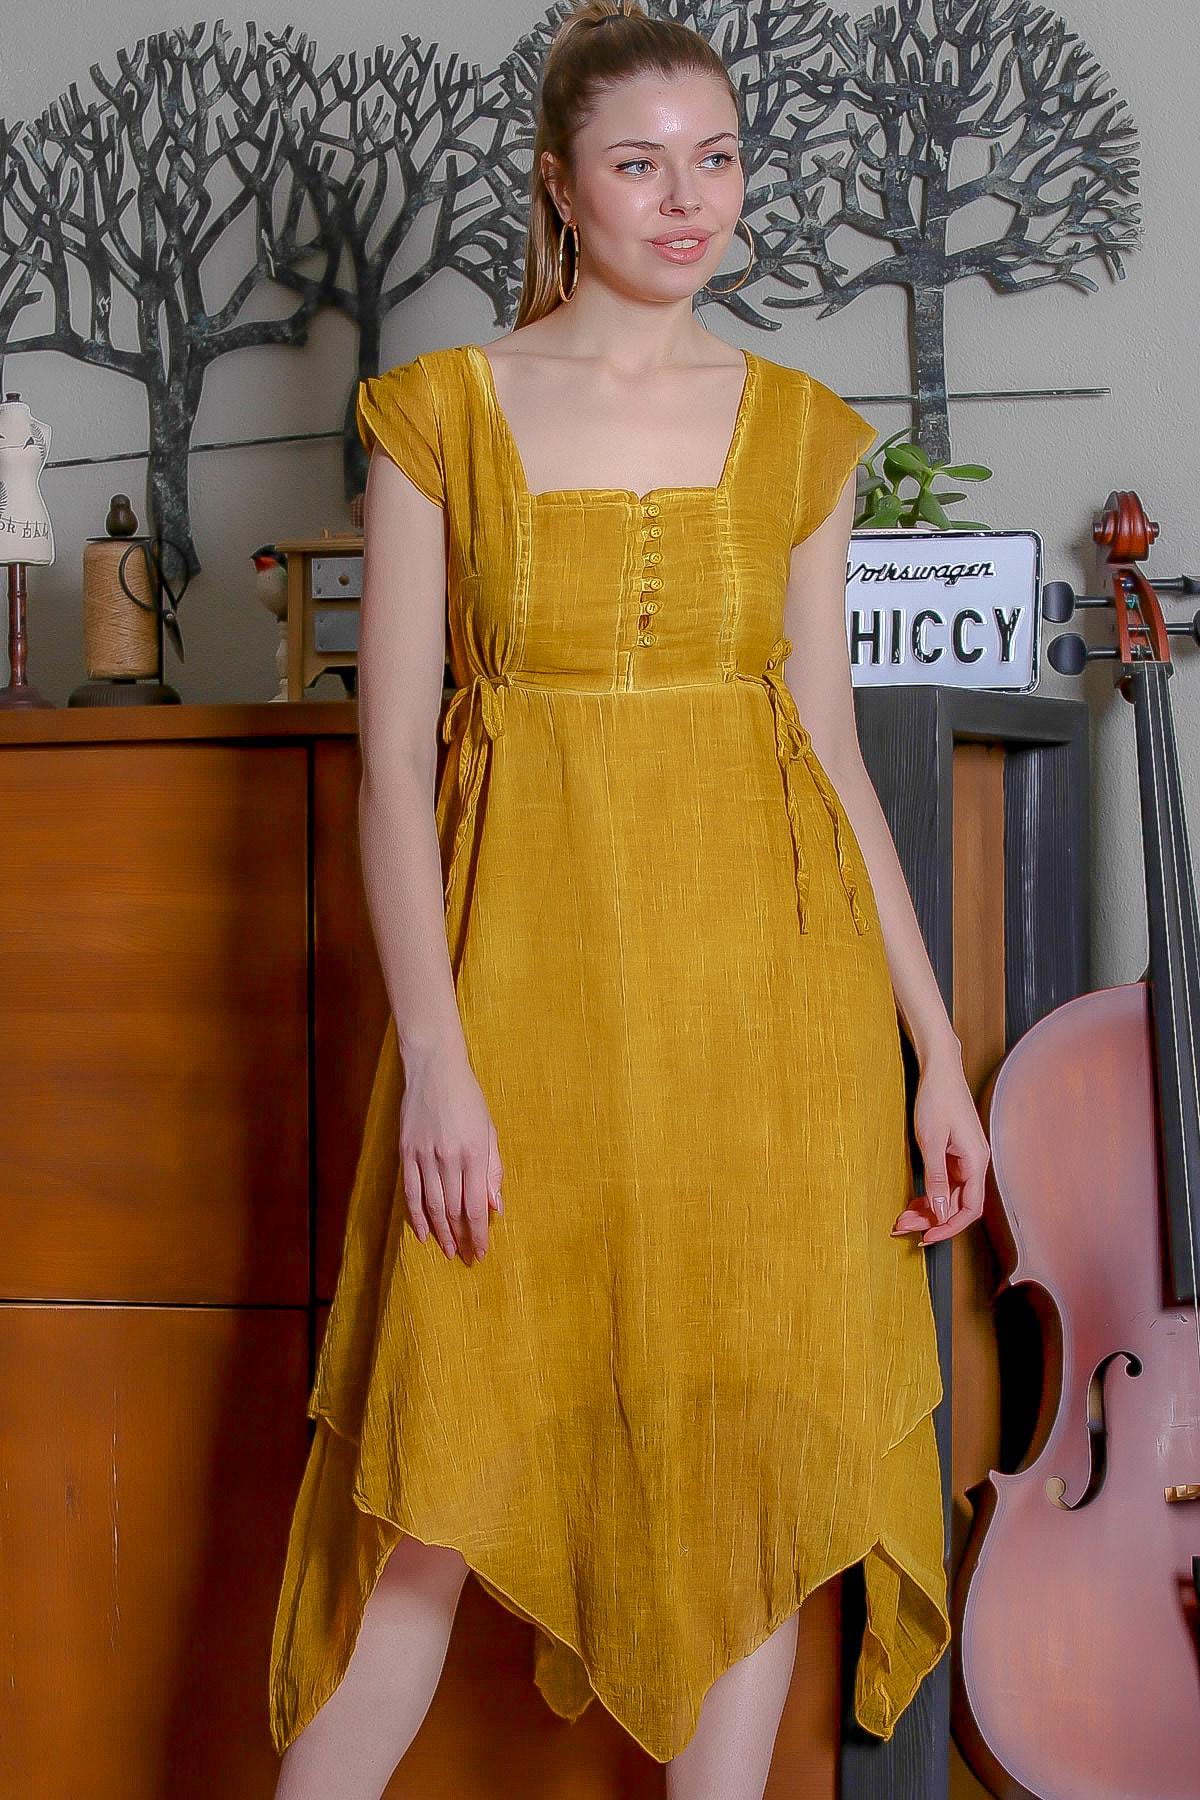 Chiccy Kadın Hardal Kare Yaka Düğme Detaylı Yanı Bağlamalı Asimetrik Yıkamalı Elbise M10160000EL95344 0